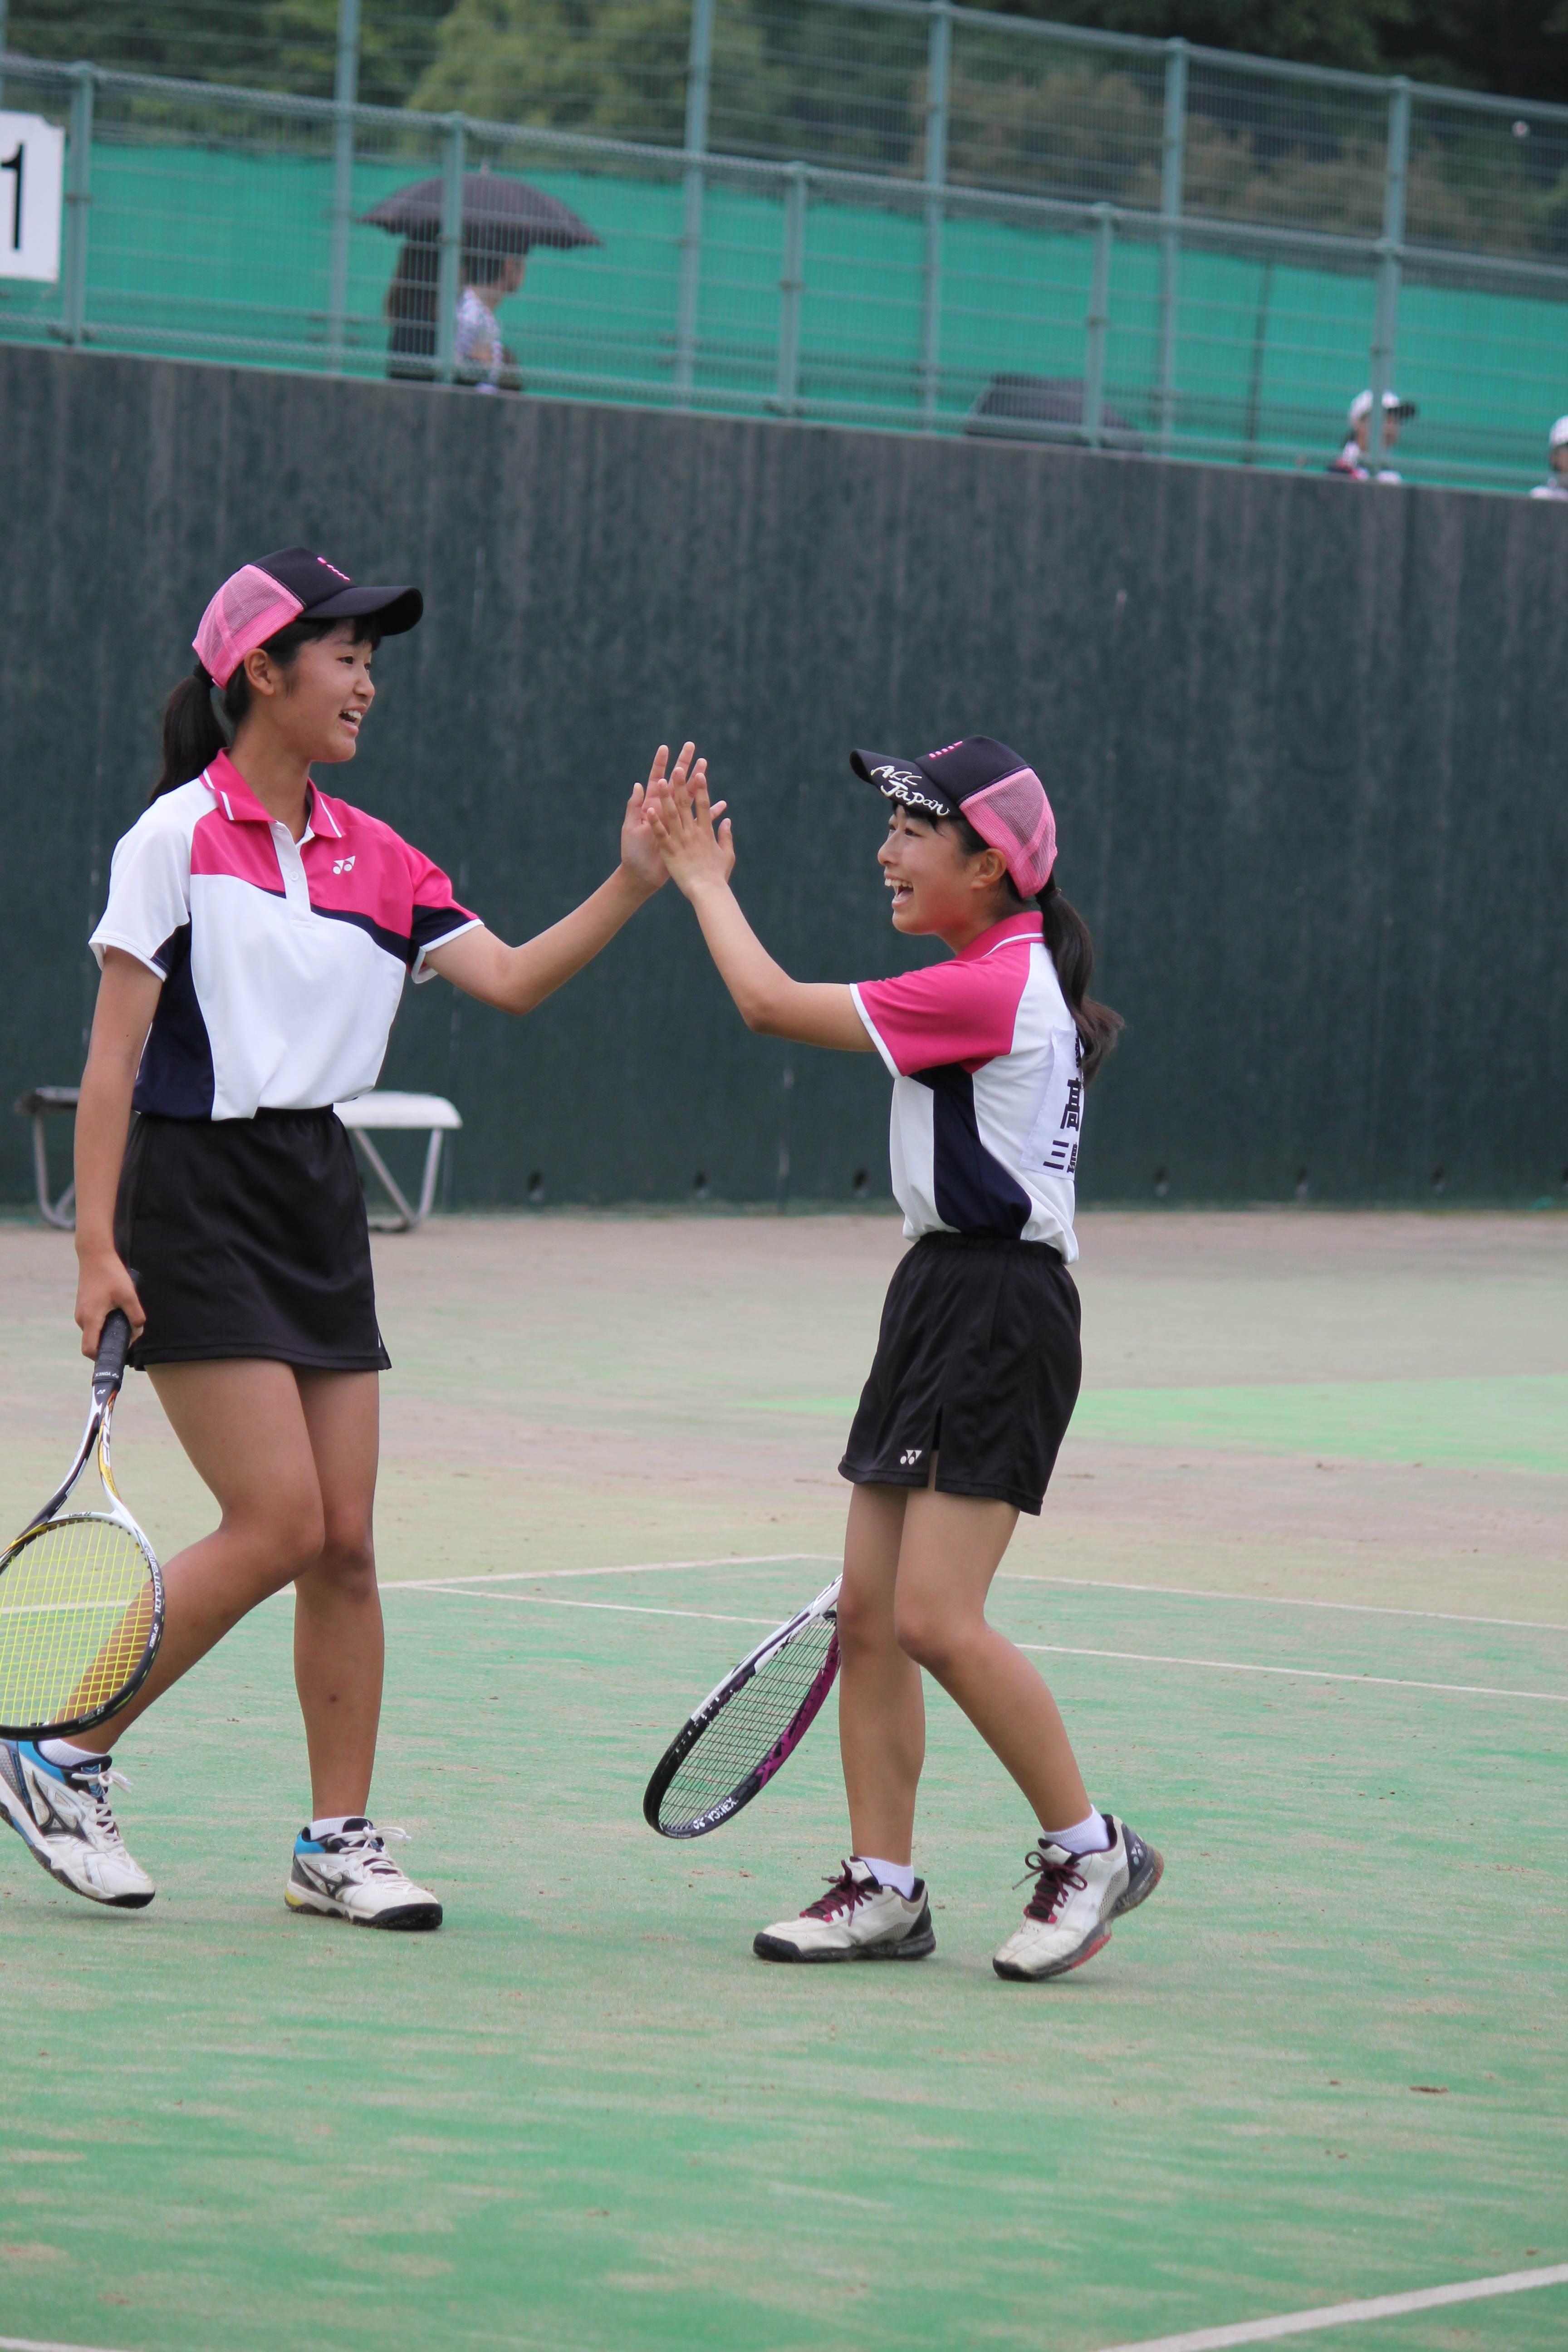 ソフトテニス (35)